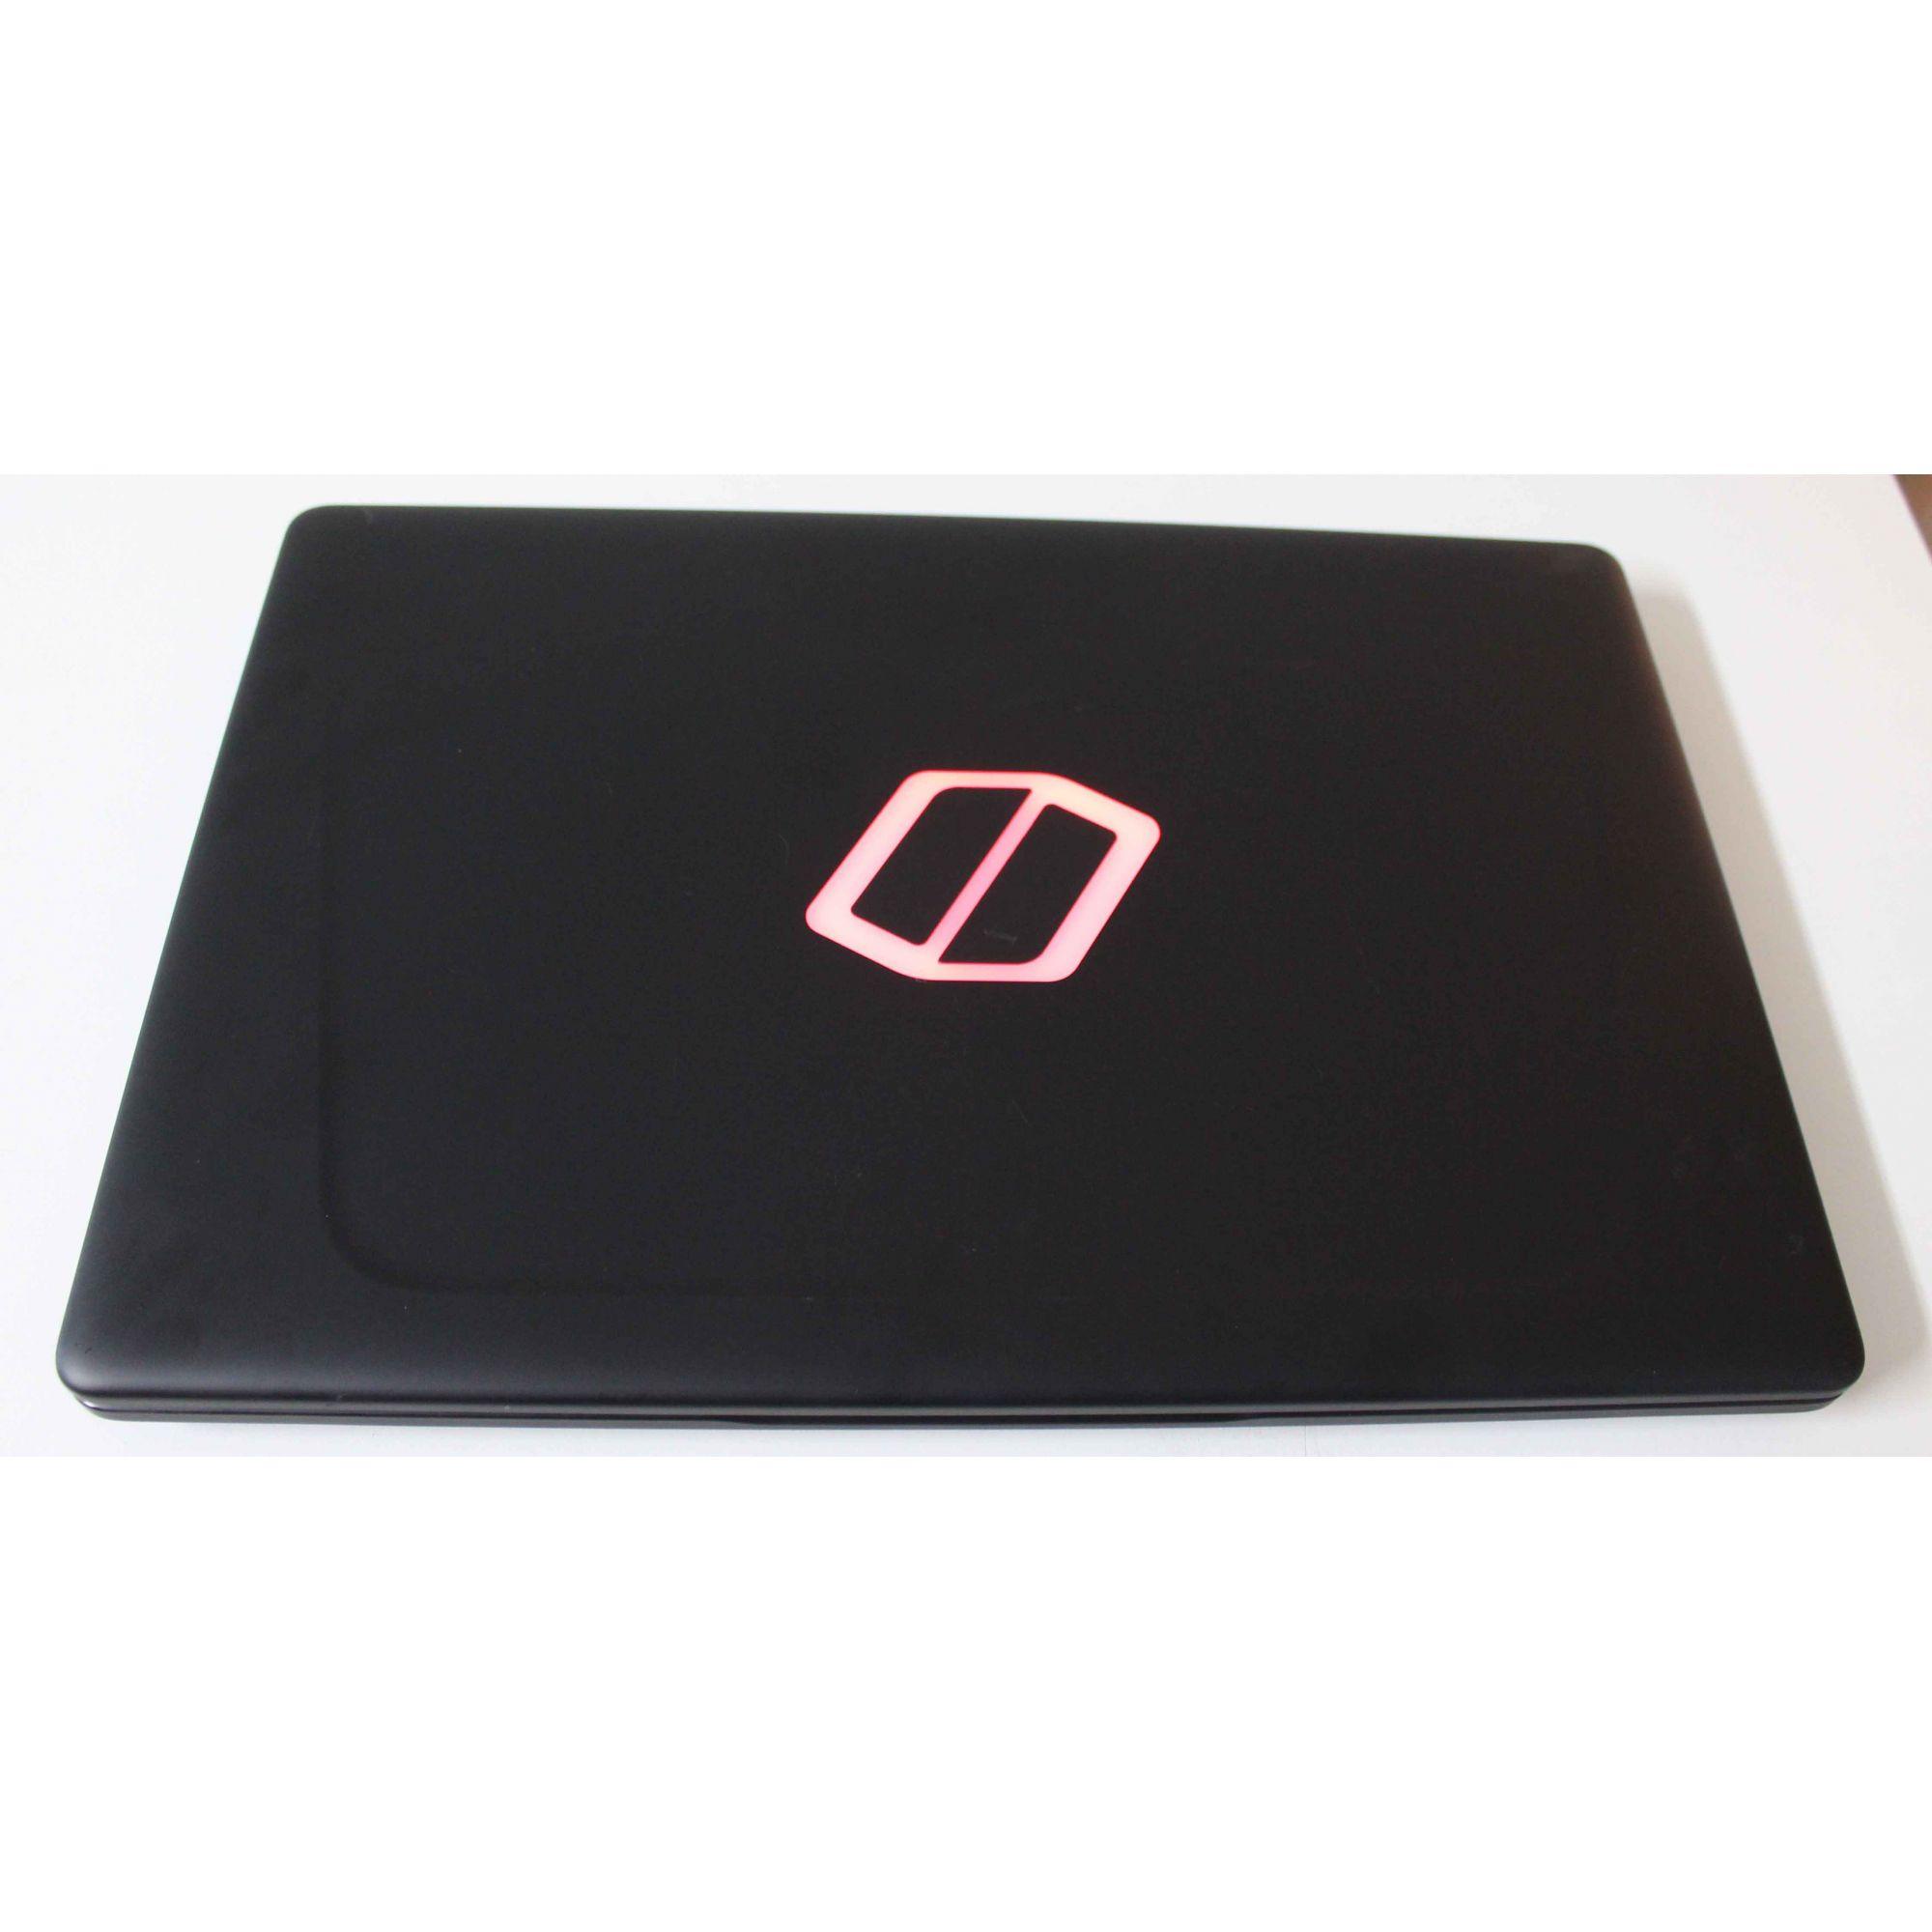 Notebook Samsung Odyssey 15.6'' Intel Core i7 2.8GHz 8GB HD-1TB + Alphanumérico + (4GB Dedicada)